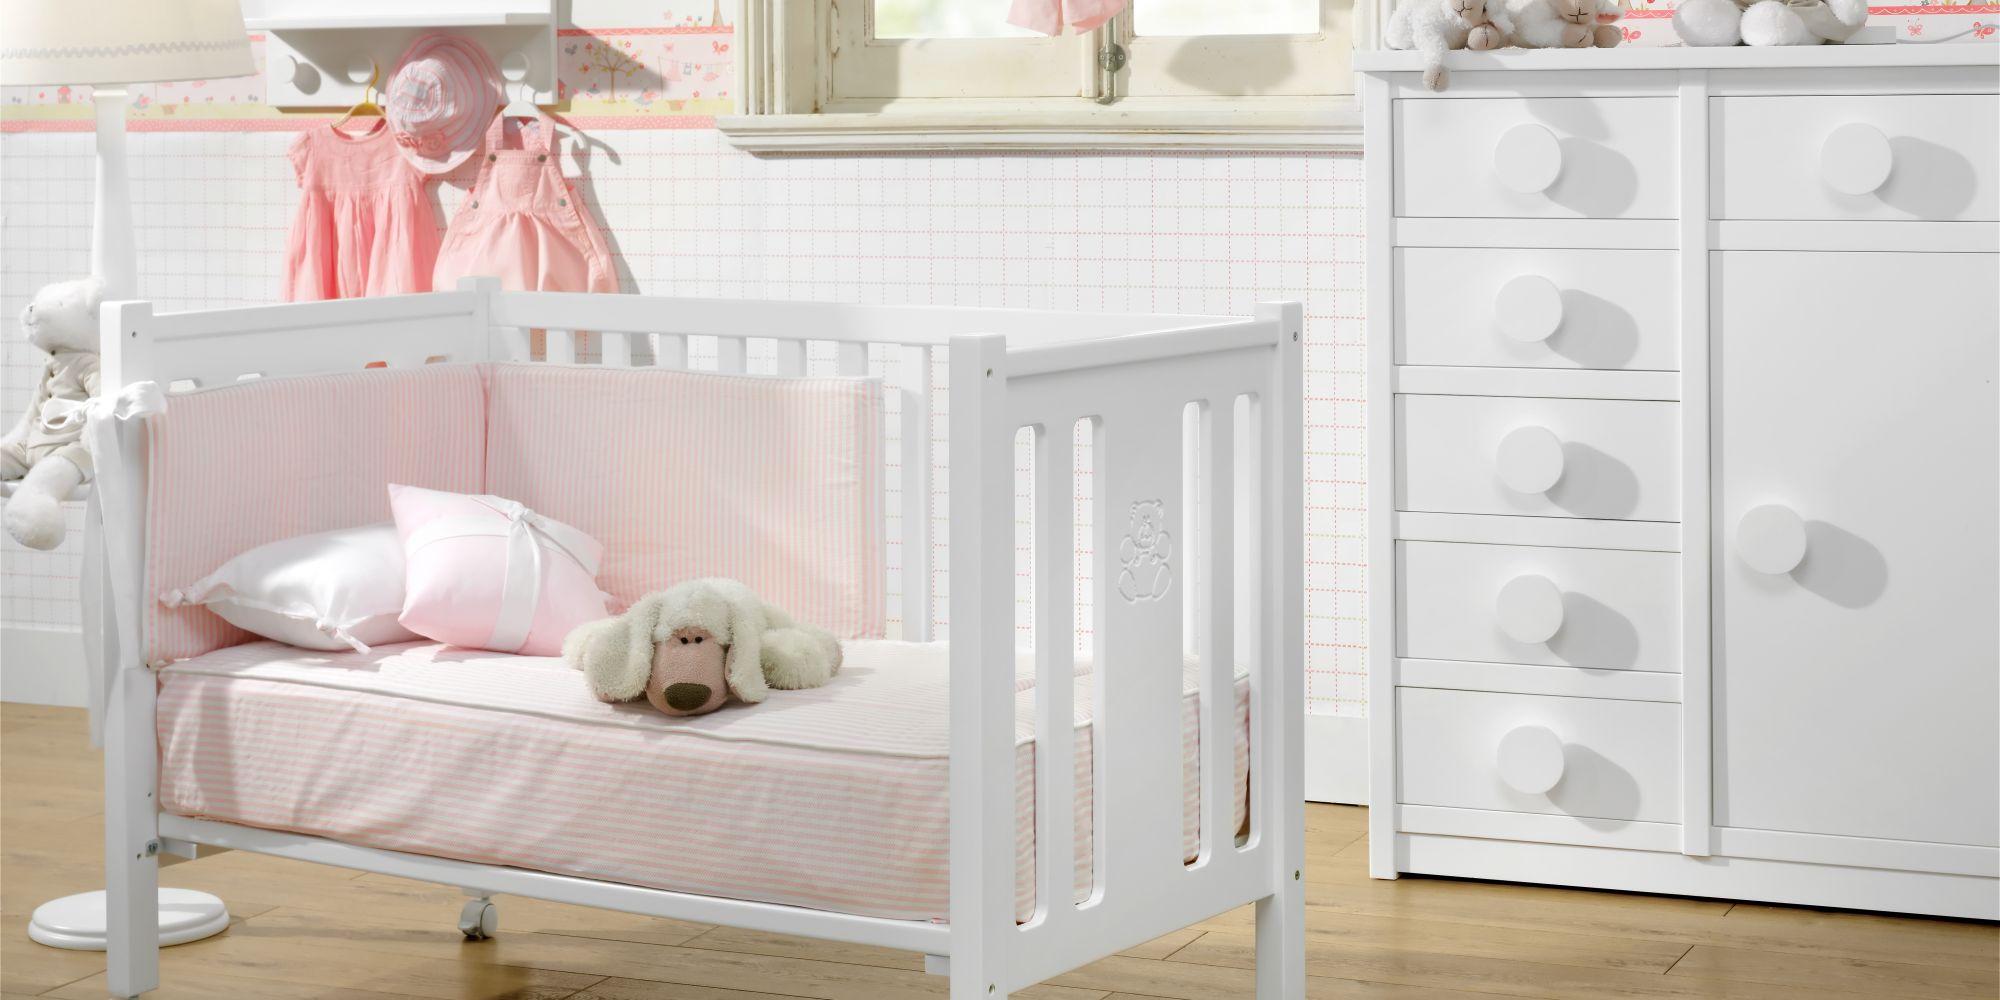 Cuna con barandilla móvil y auxiliar con amplio espacio de almacenaje, estancia ideal para el confort de su bebe | Mueble de Bebé